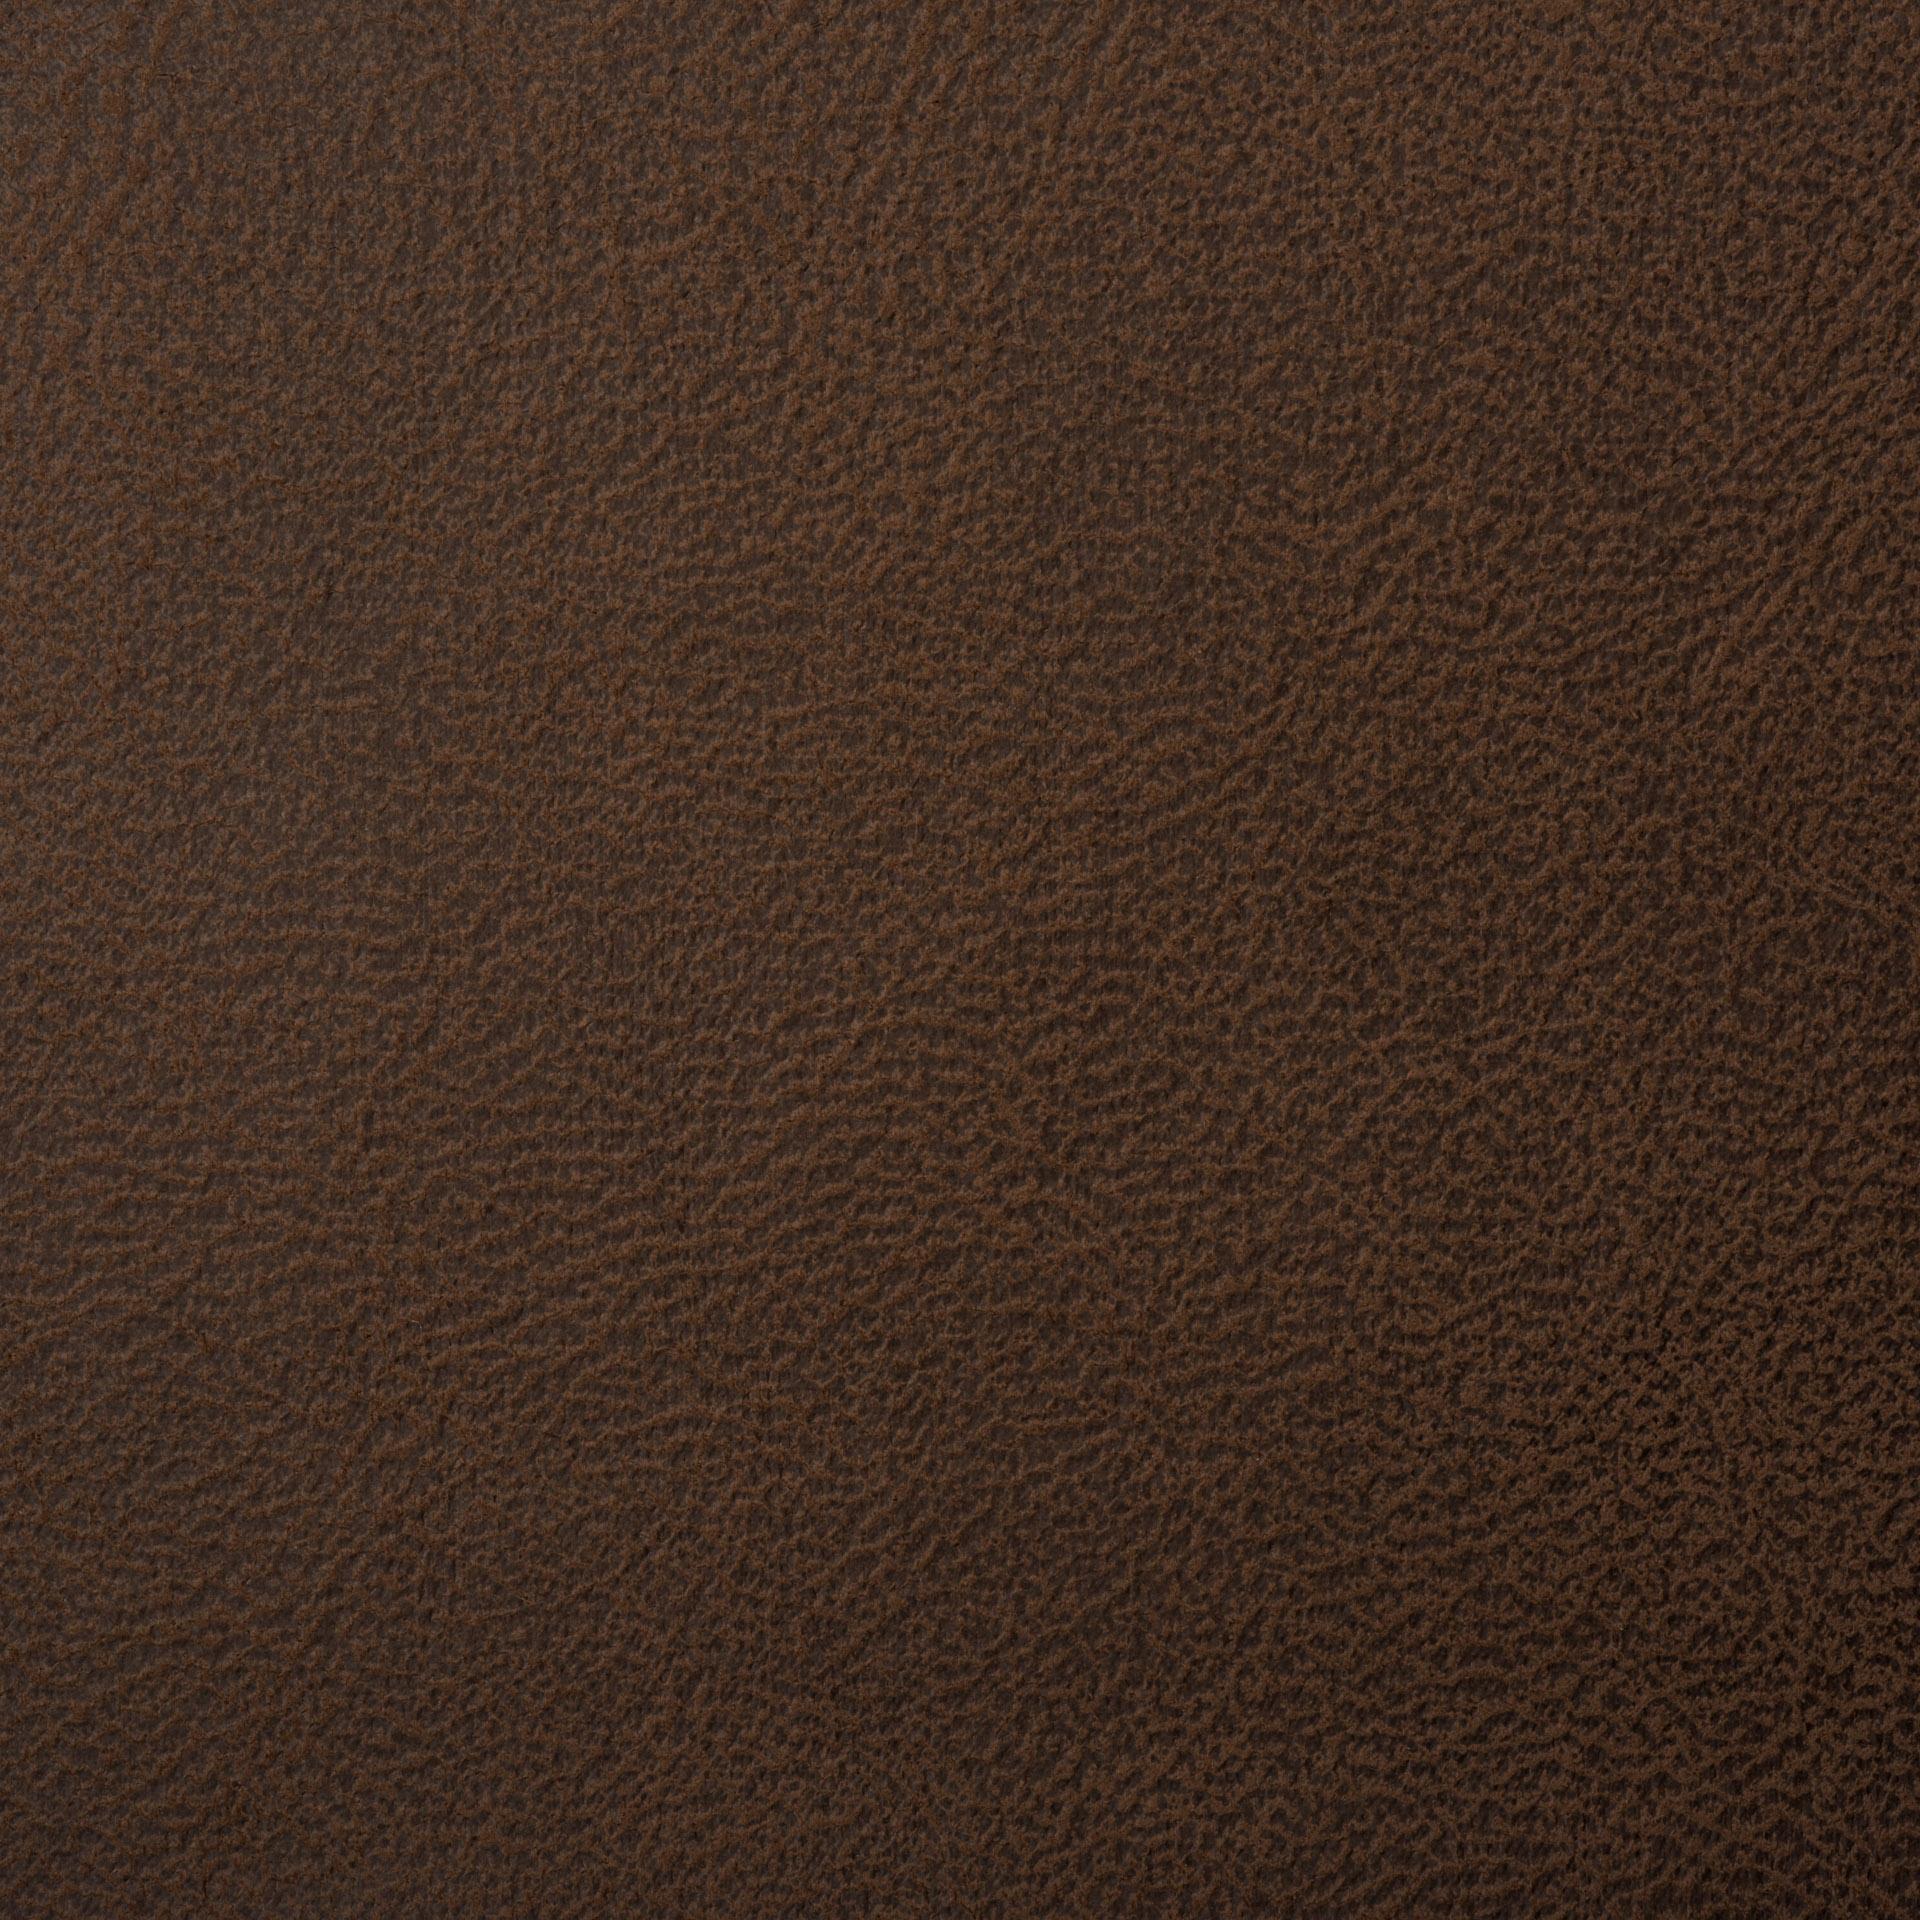 Коллекция ткани Амели BROWN,  купить ткань Велюр для мебели Украина